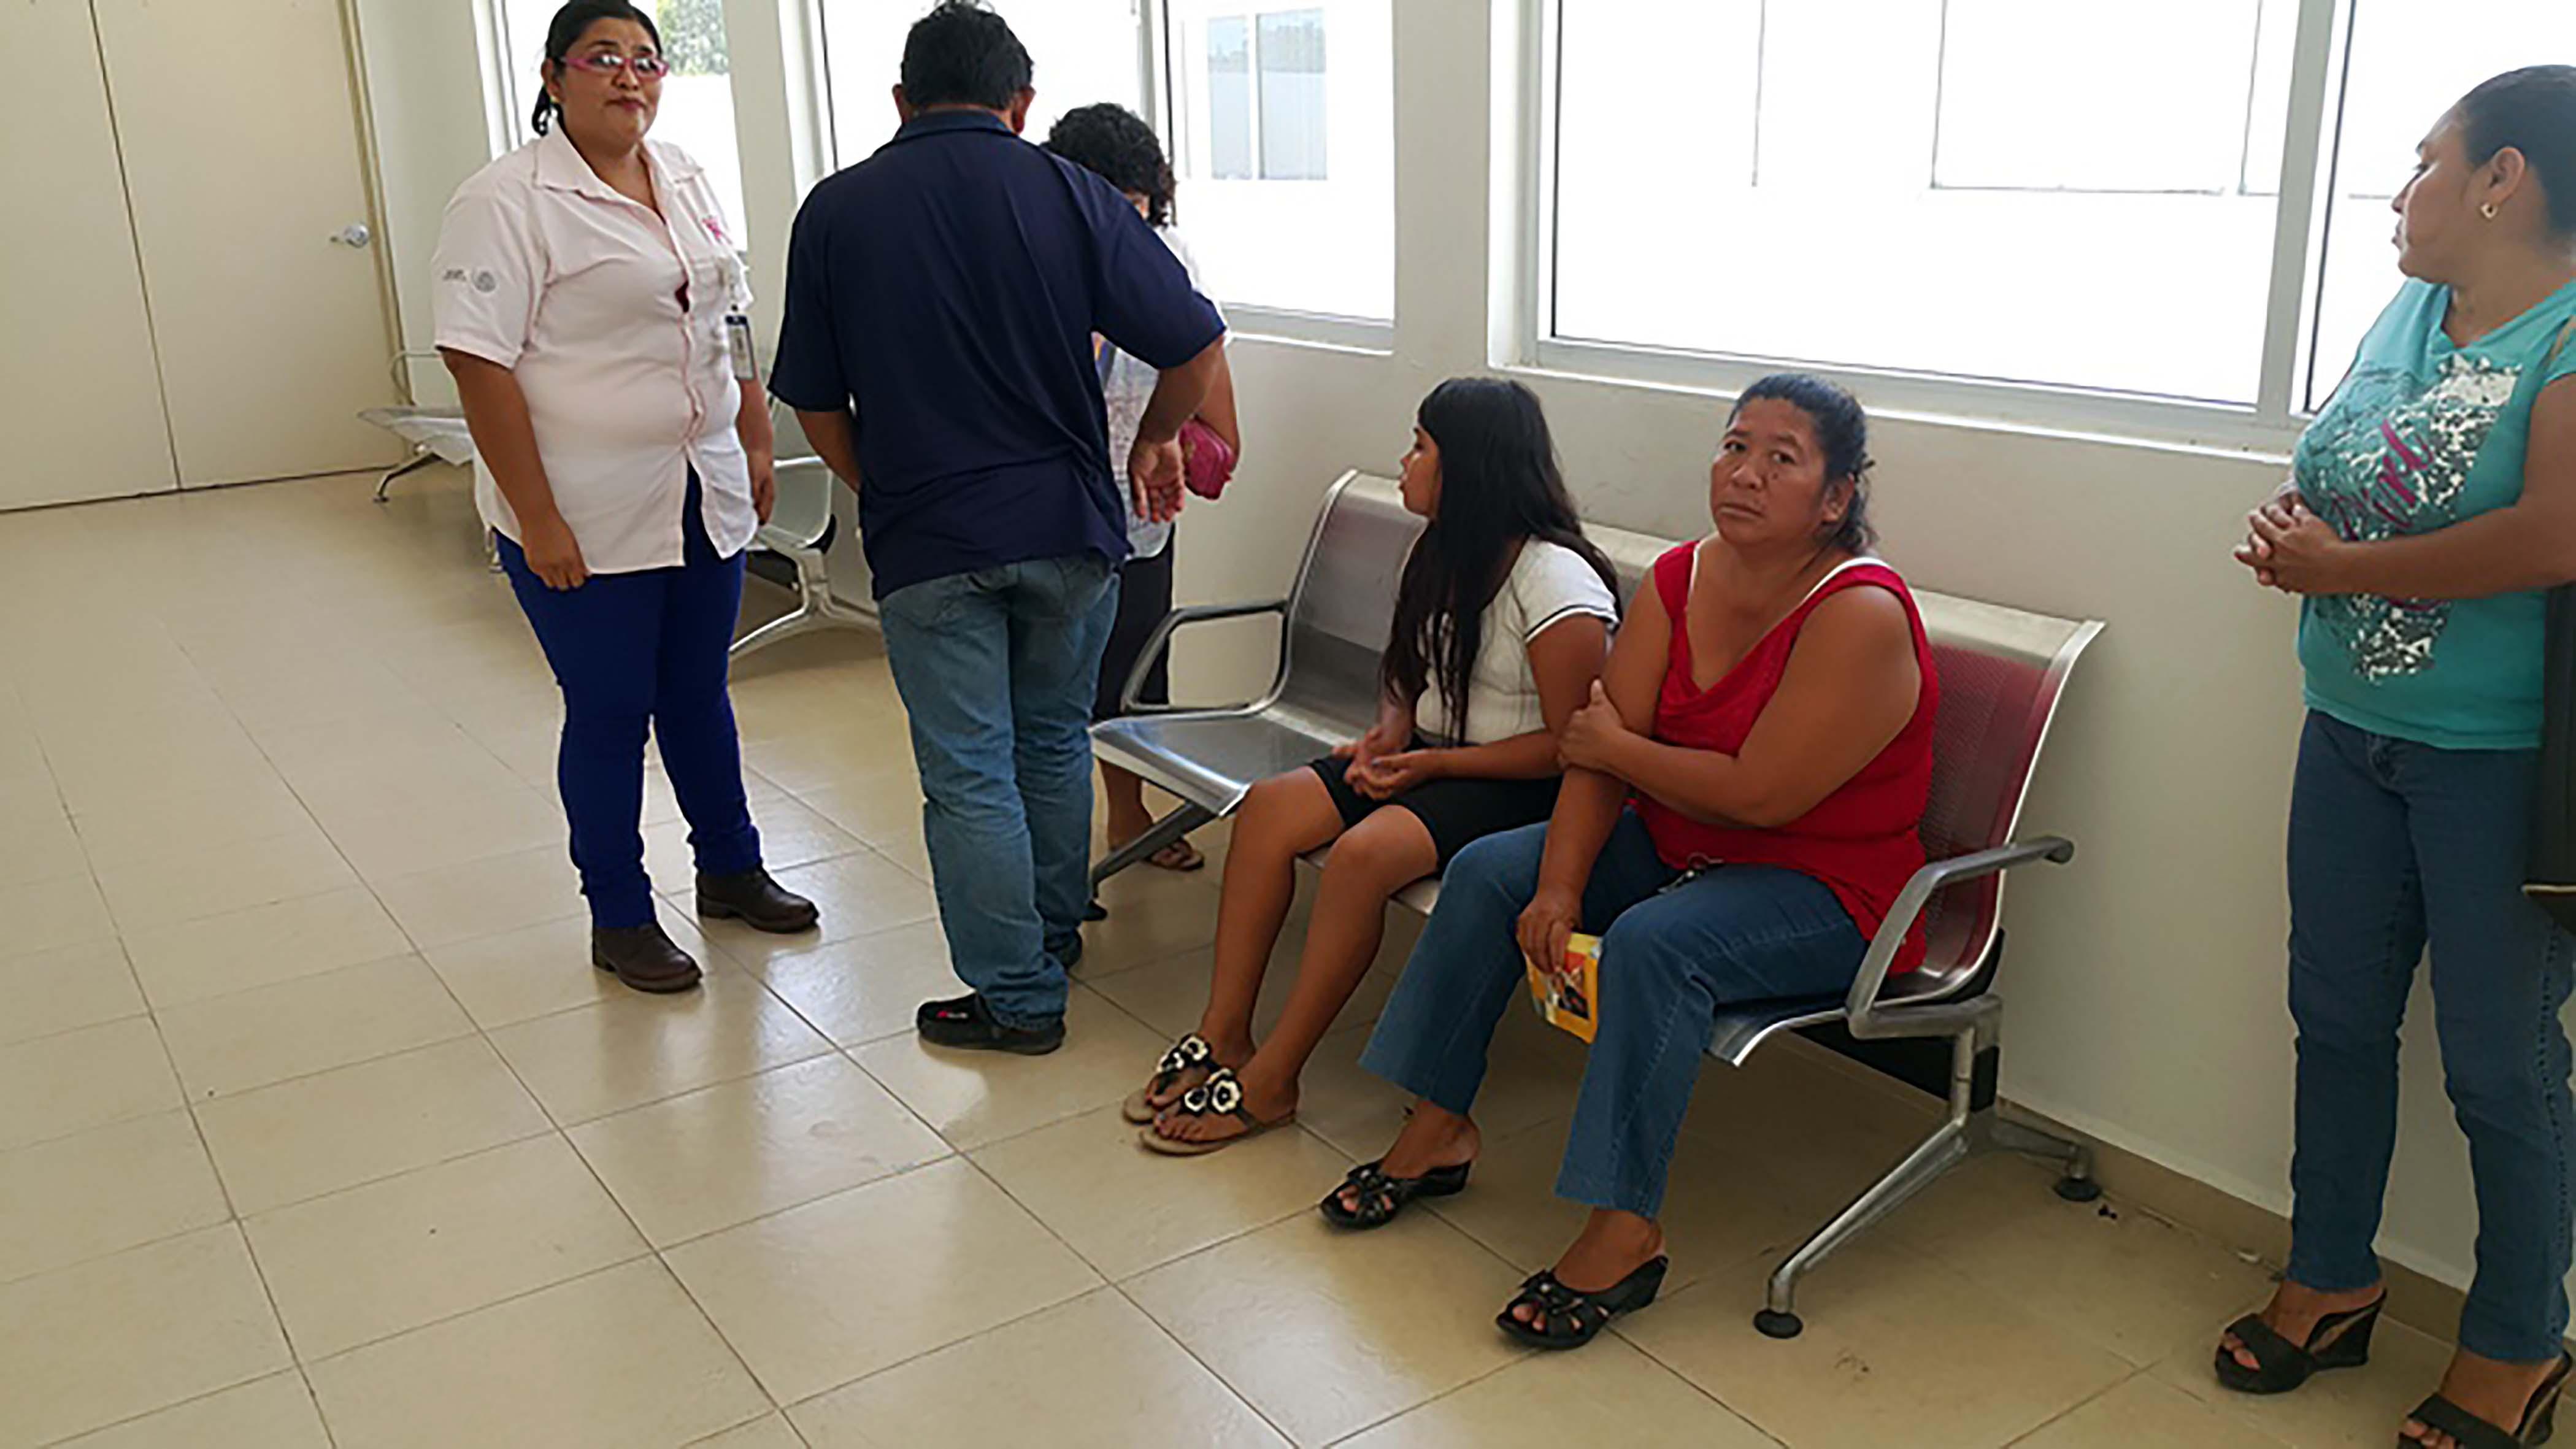 Más de un centenar de mujeres recibió servicios integrales de salud que incluyeron estudios preventivos contra el cáncer de mama